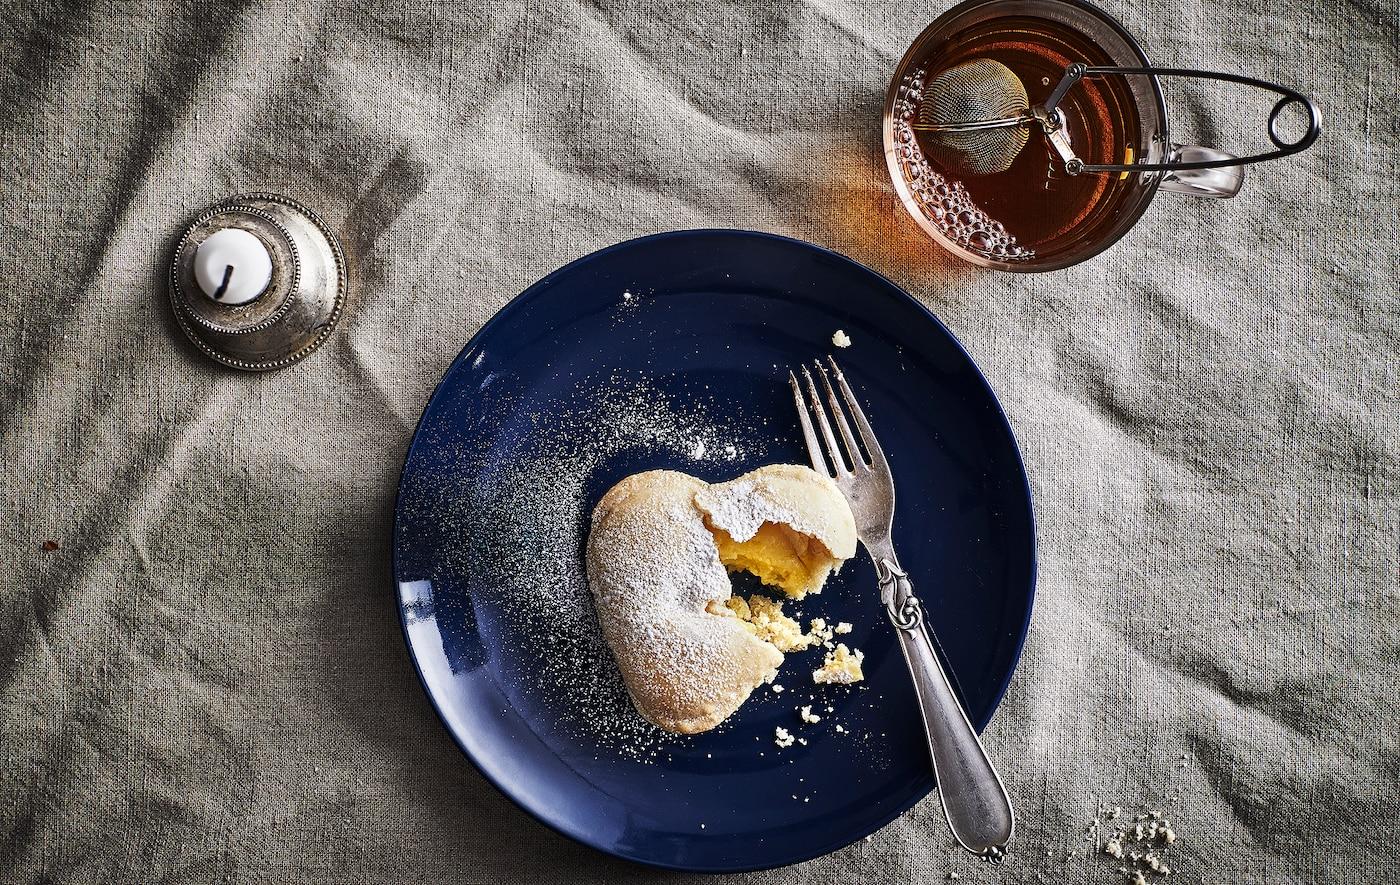 Hjerteformet vaniljesmåkage og en gaffel på en mørkeblå tallerken, et krus med te og et stearinlys.